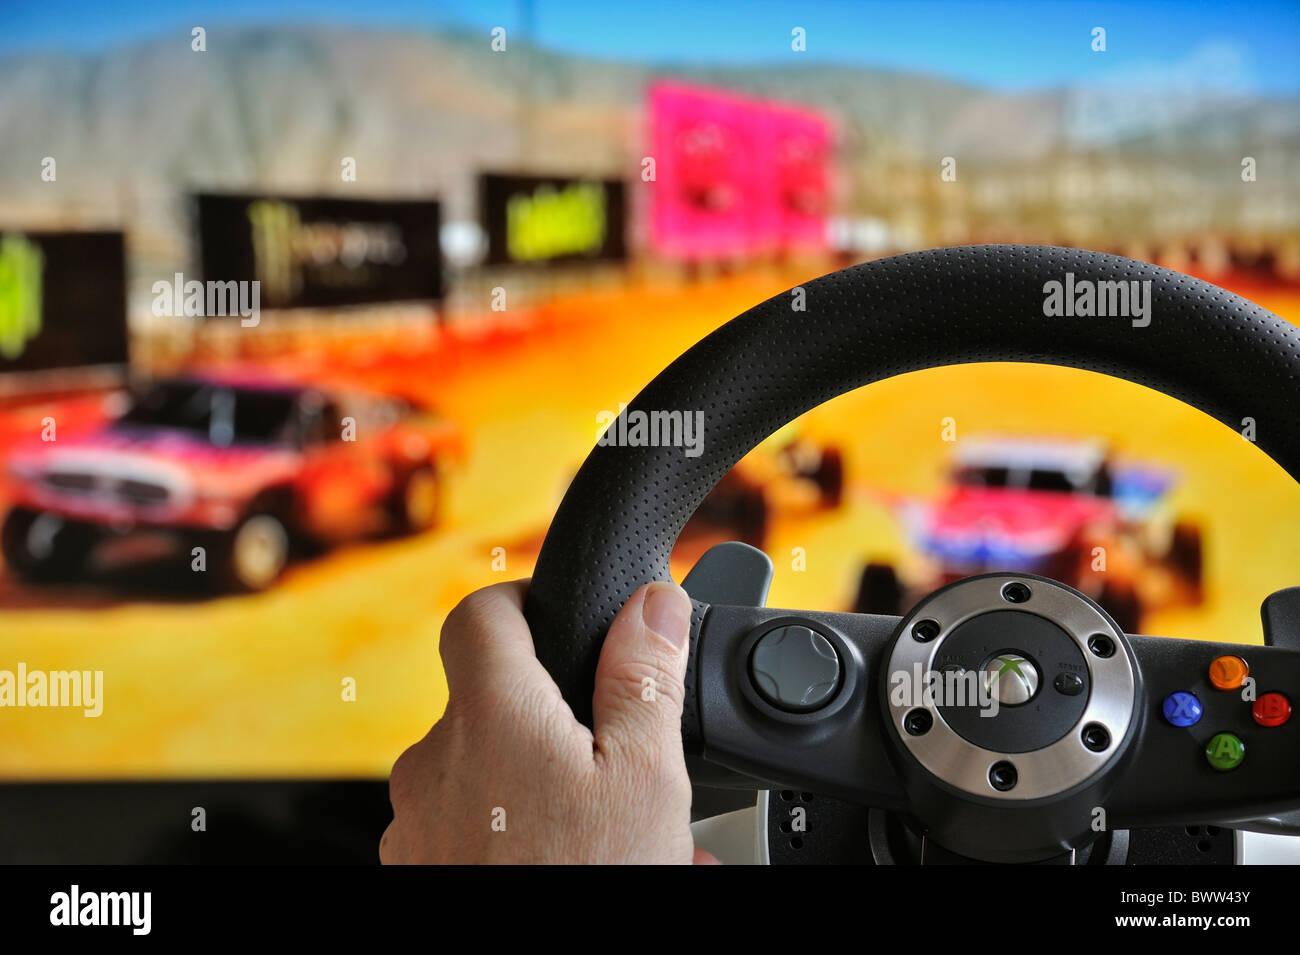 Volante controller nella parte anteriore dello schermo del televisore che mostra le vetture nel gioco di corse Immagini Stock